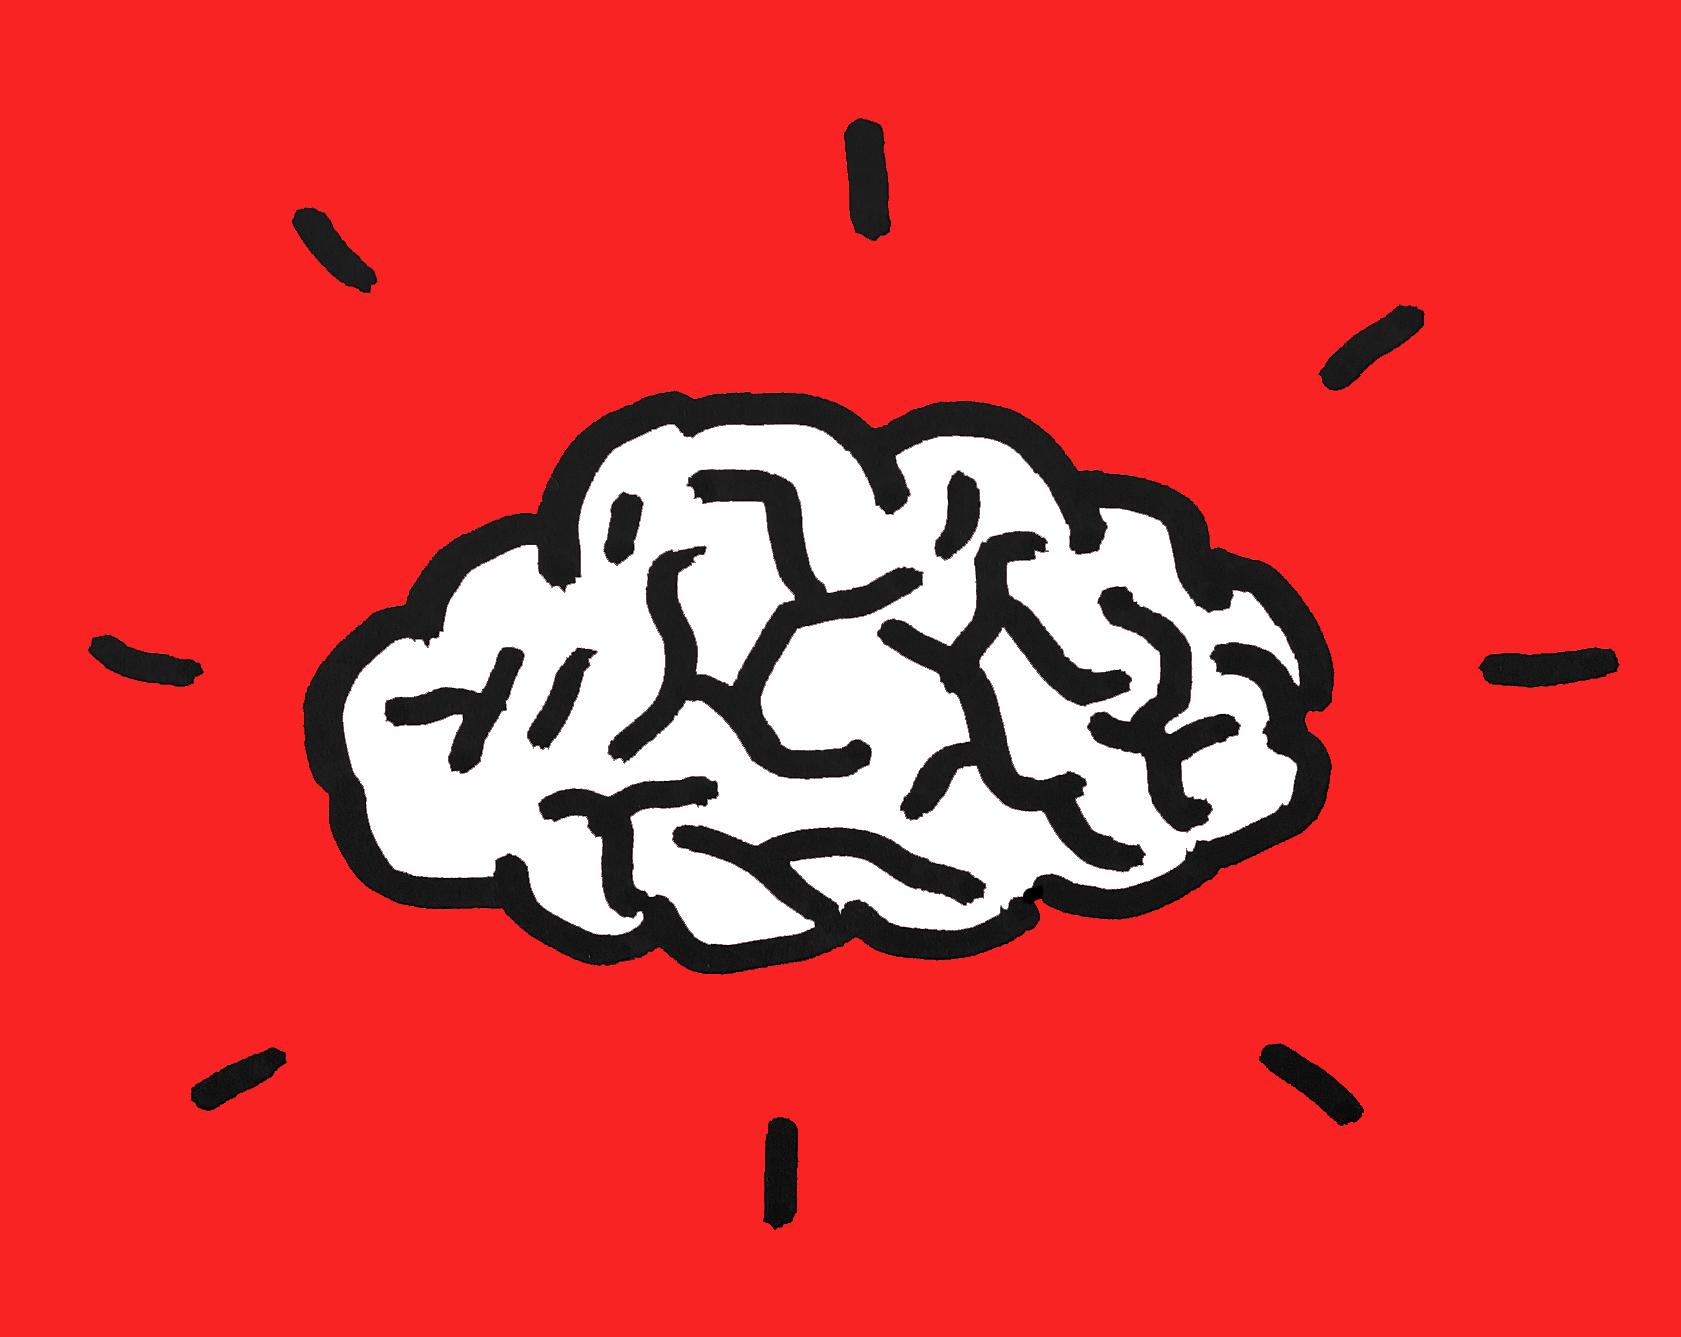 When brains study brains